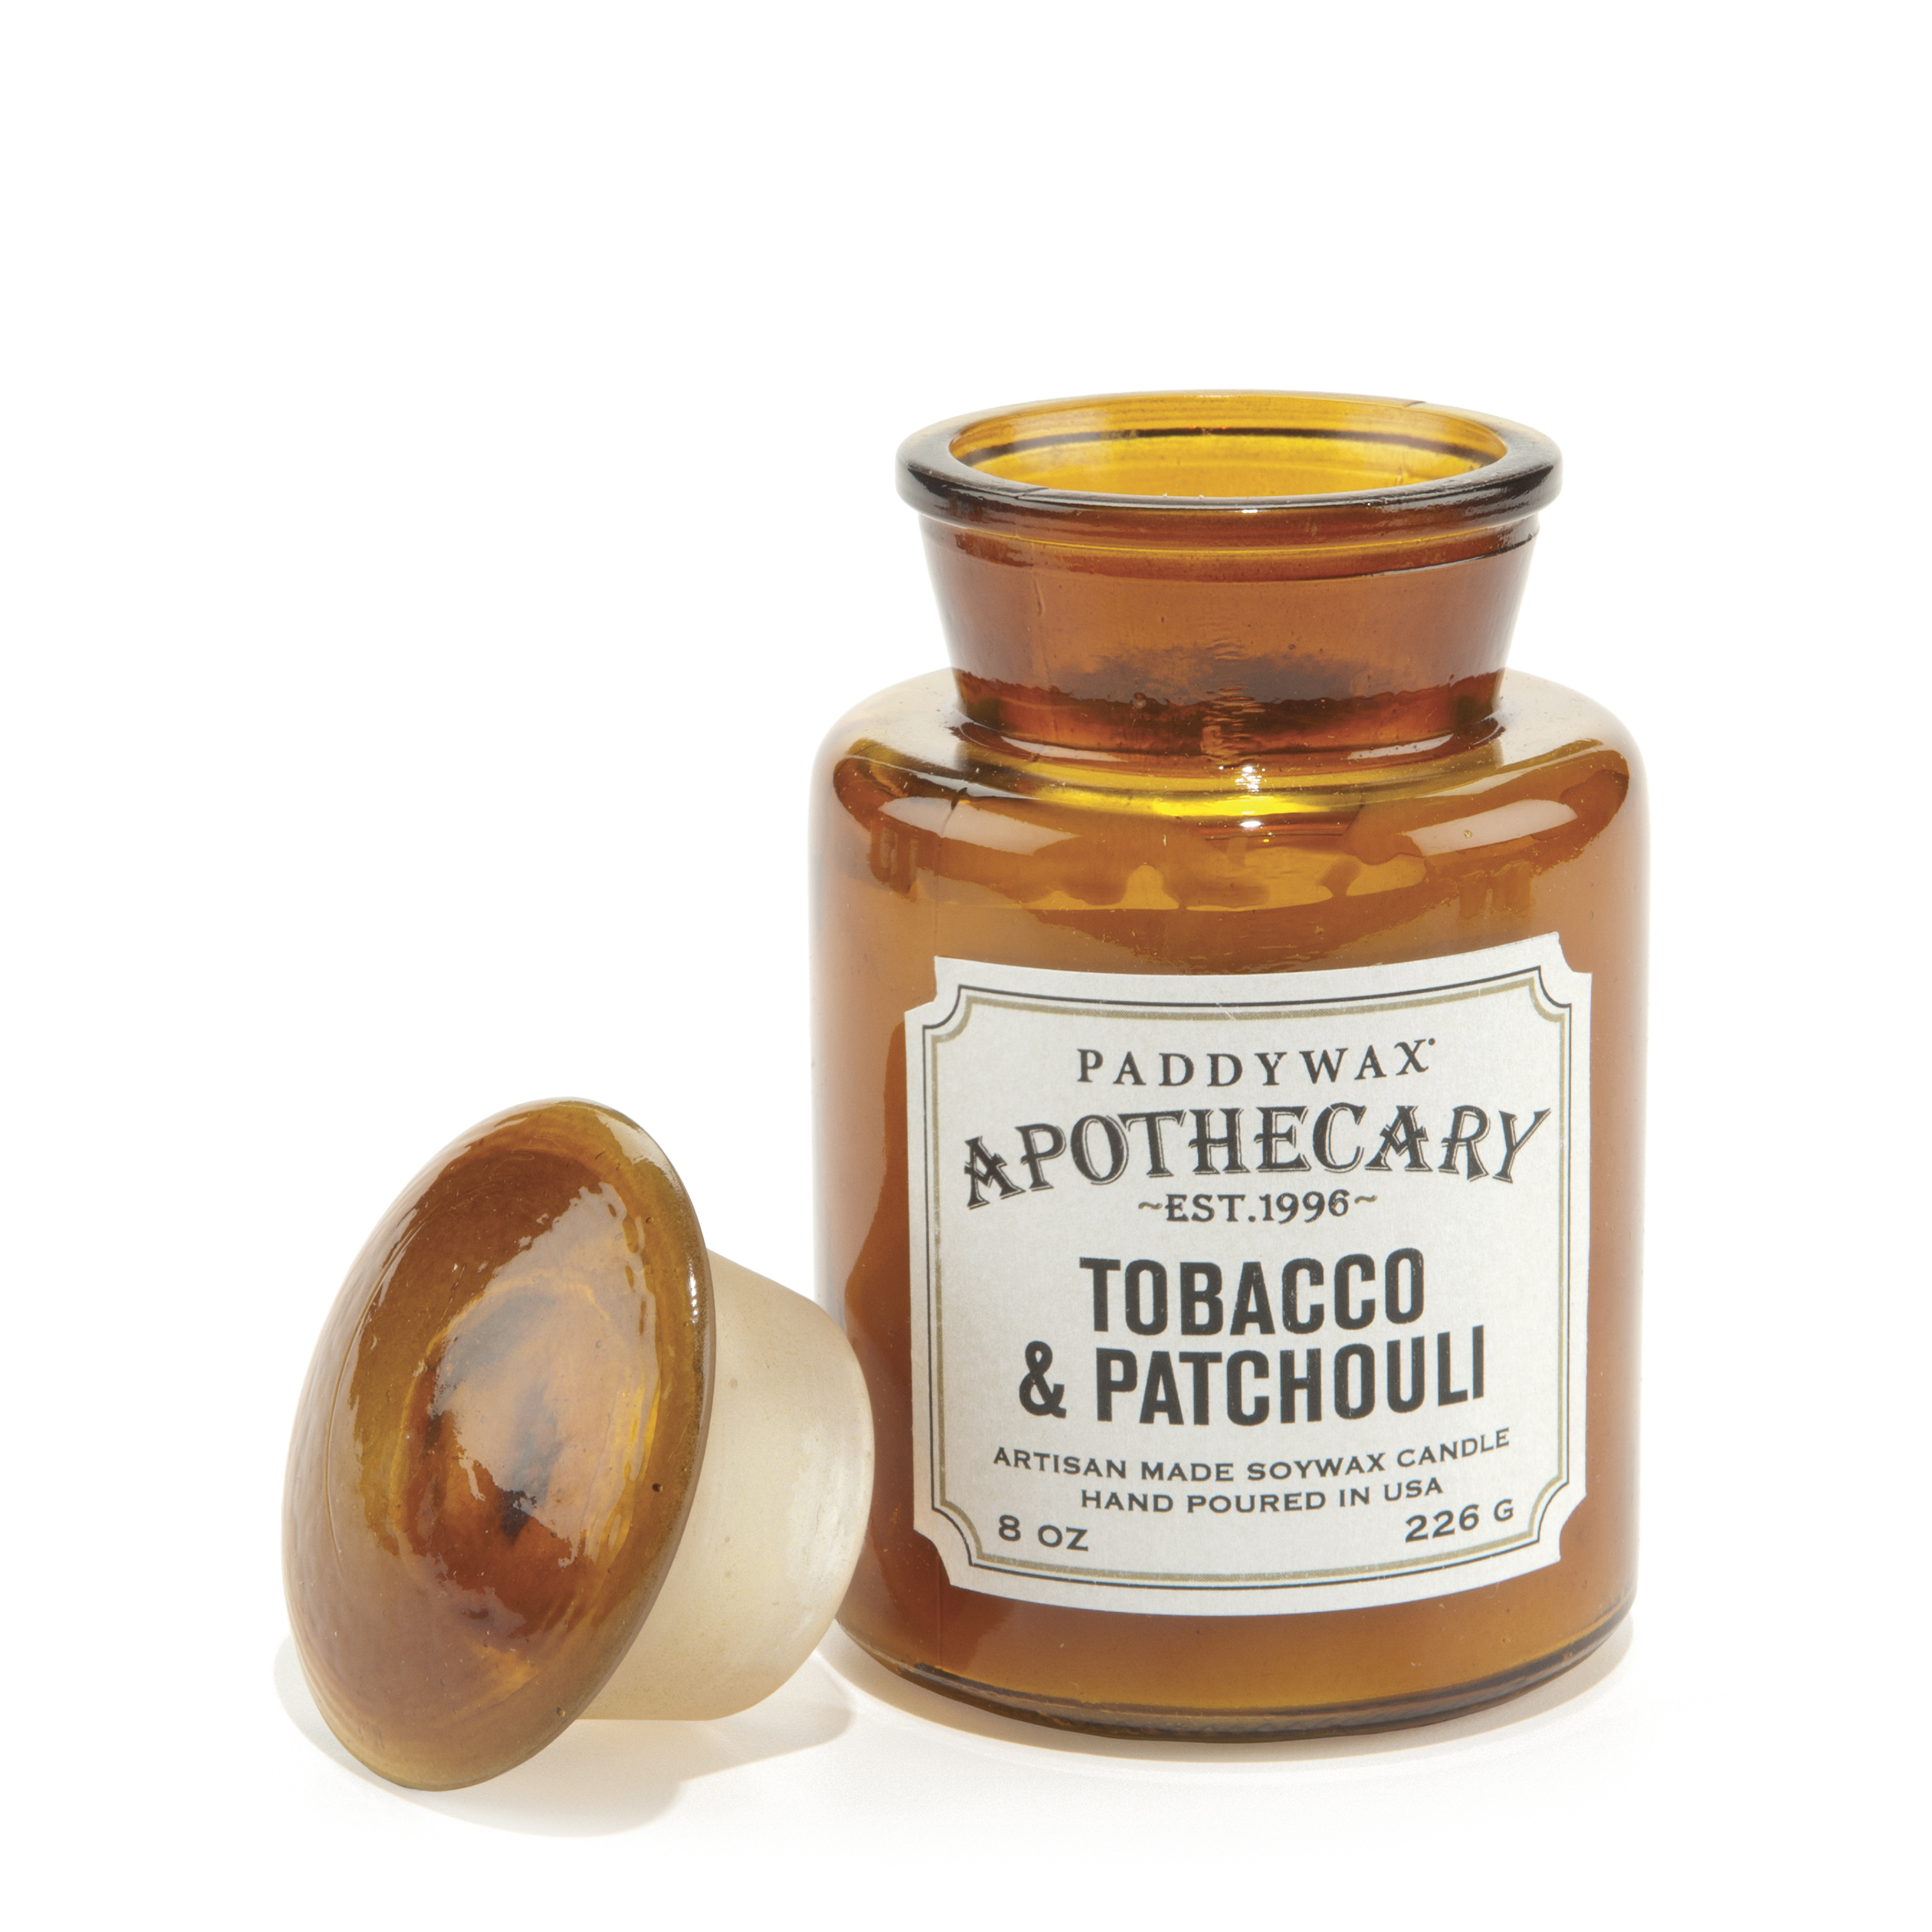 Купить PADDYWAX Свеча TOBACCO & PATCHOULI в аптекарской баночке, Свеча TOBACCO & PATCHOULI в аптекарской баночке